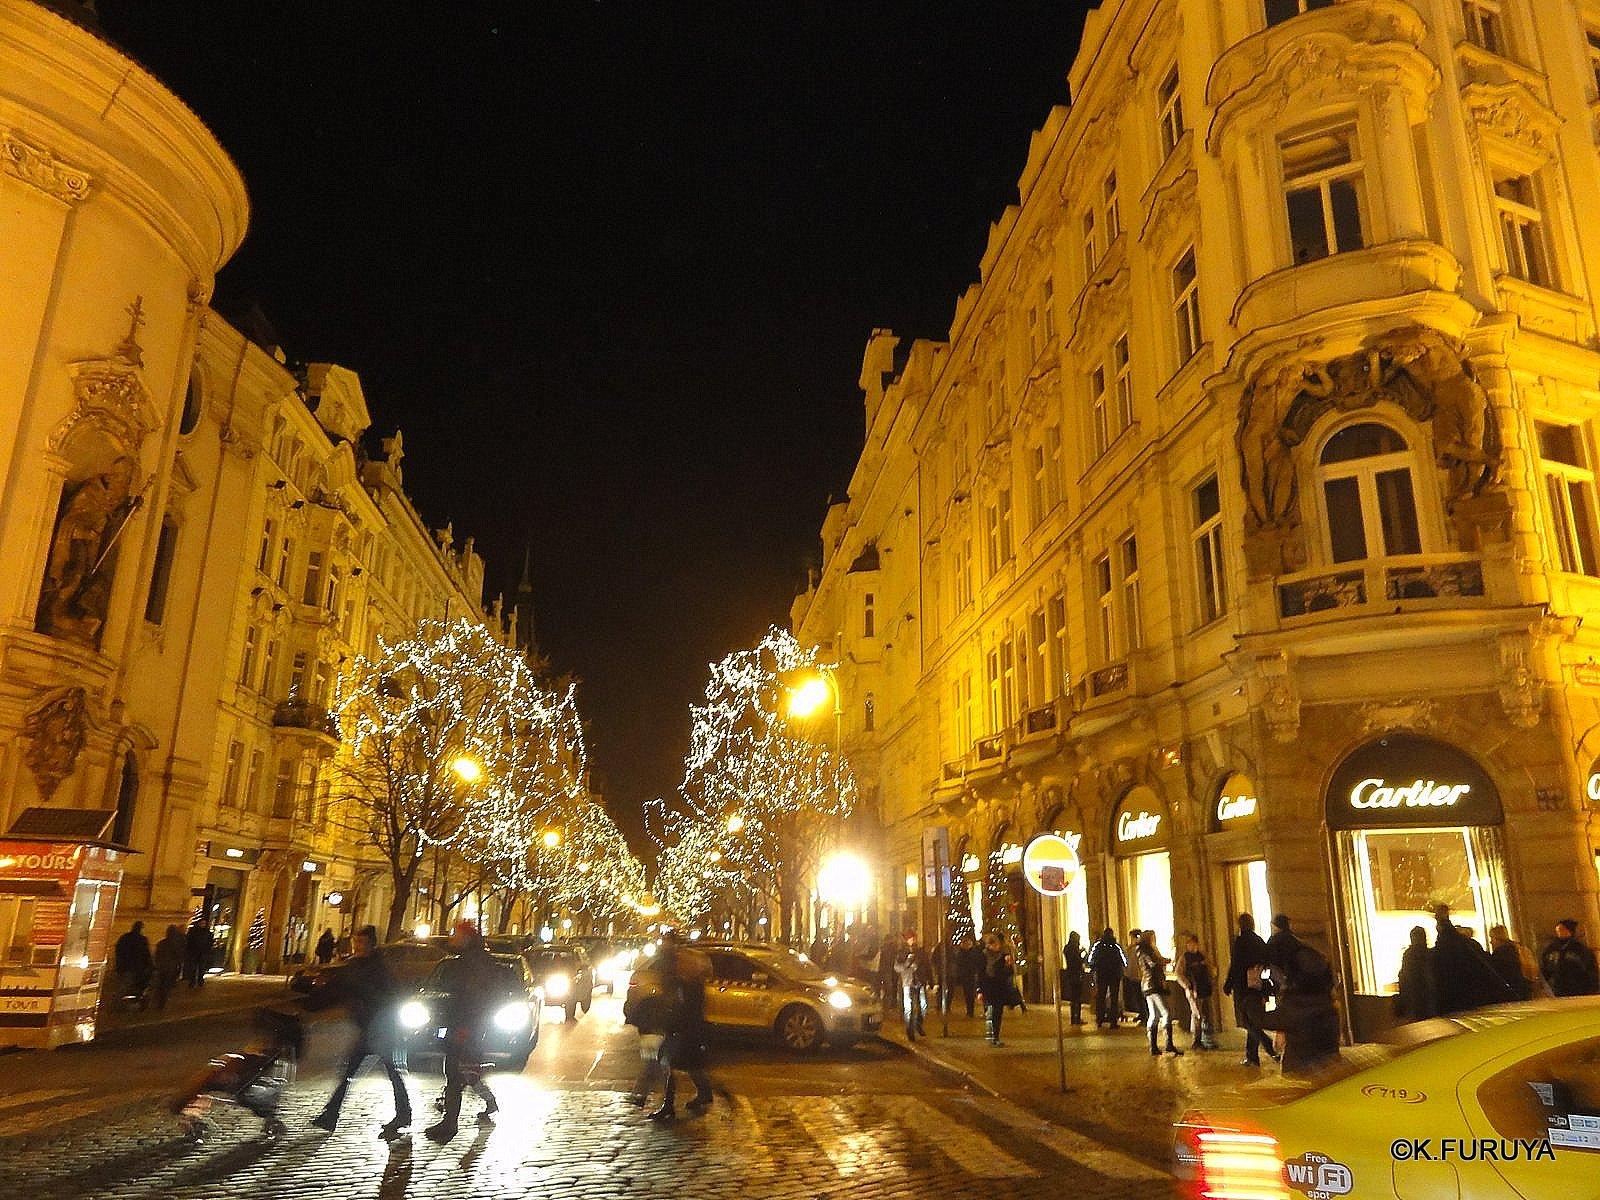 プラハ15 プラハ最後の夜_a0092659_1841312.jpg